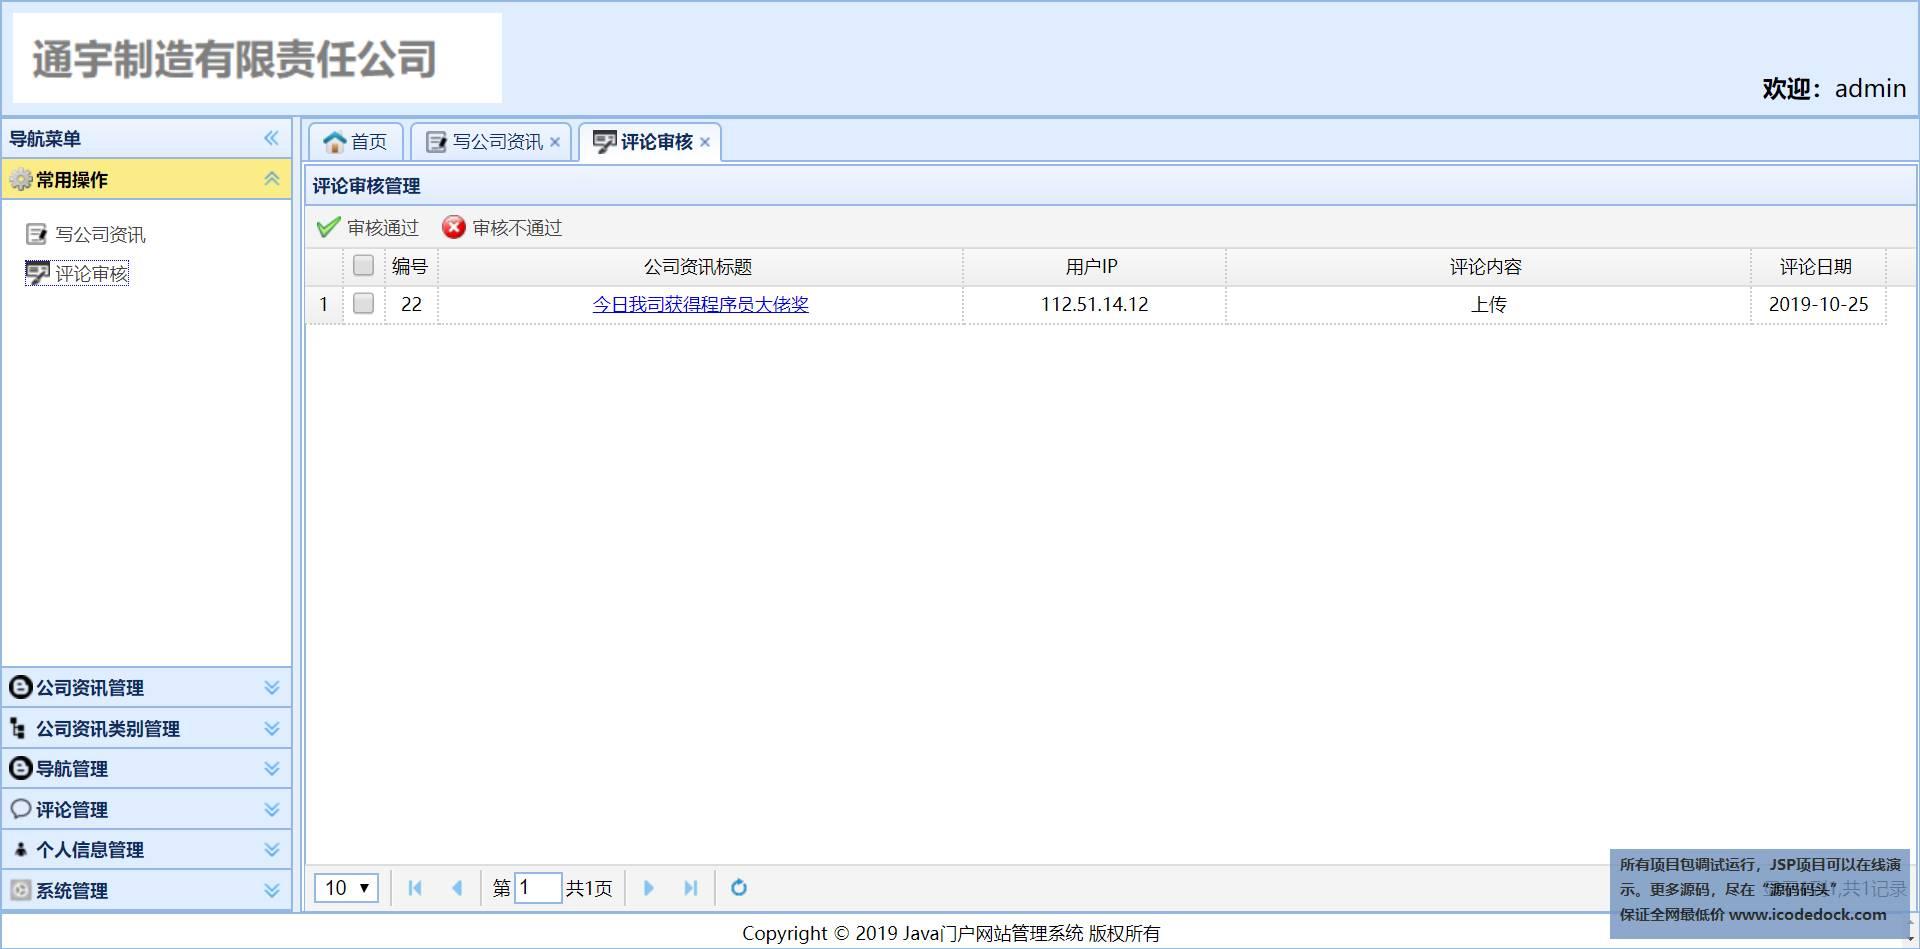 源码码头-SSM企业官方网站-管理员角色-评论审核